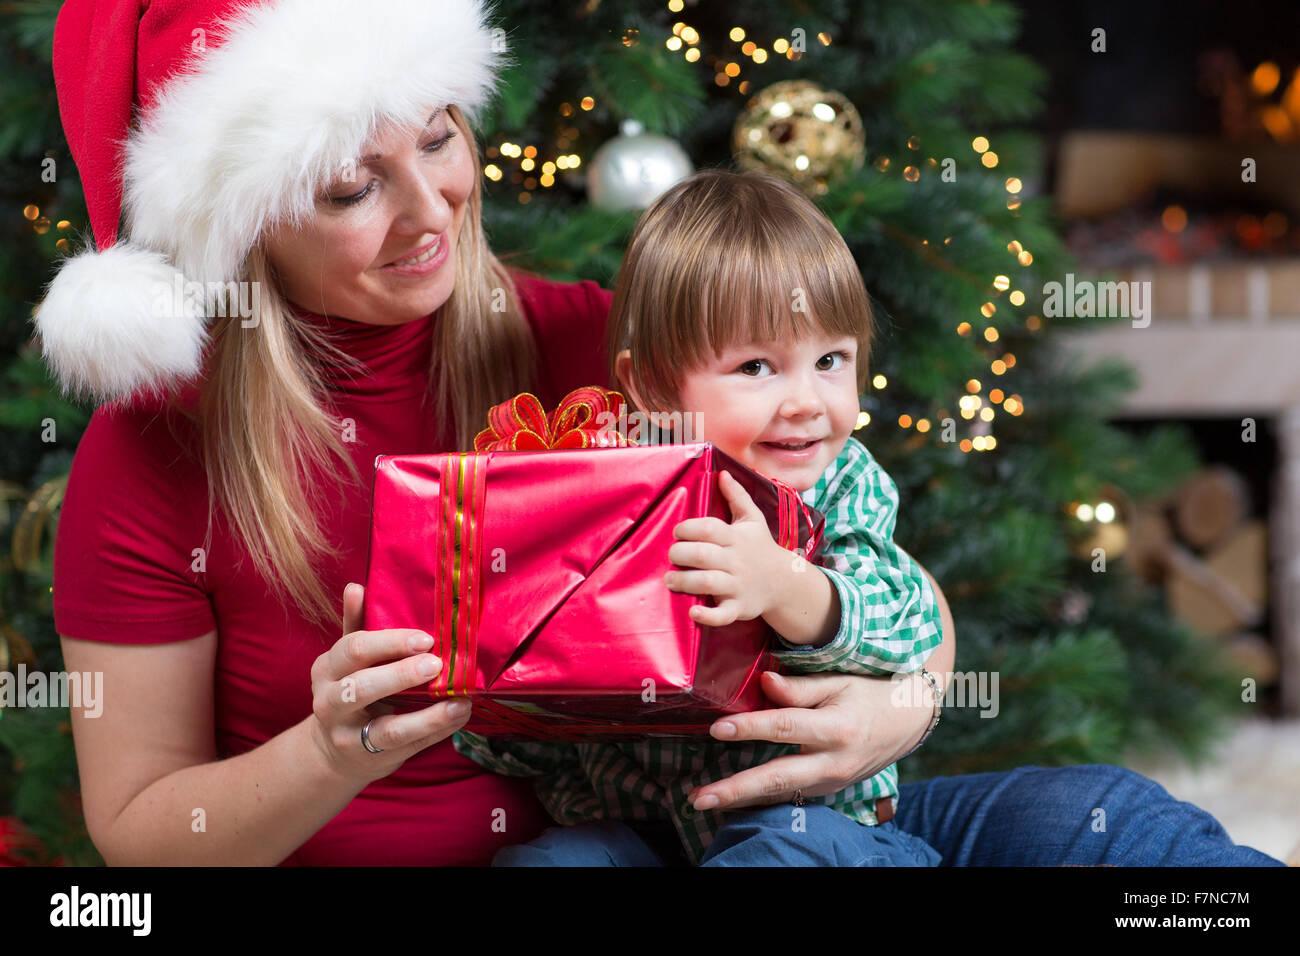 Regali Di Natale Bimbi.Donna Felice Da Avvolto Regali Di Natale Doni Al Bambino Neonato